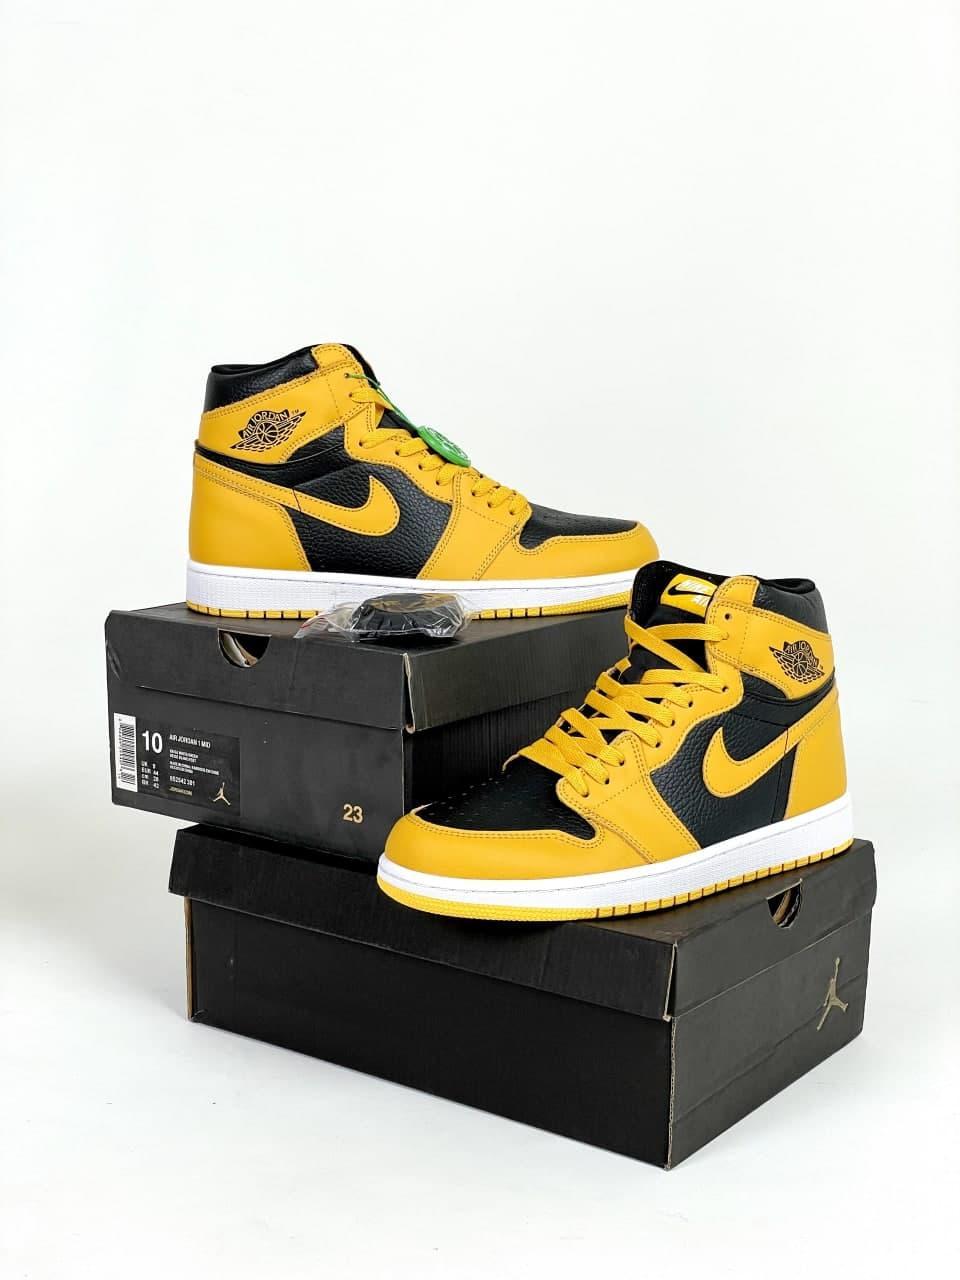 Жіночі кросівки Nike Air Jordan (жовті) стильна взуття J3350